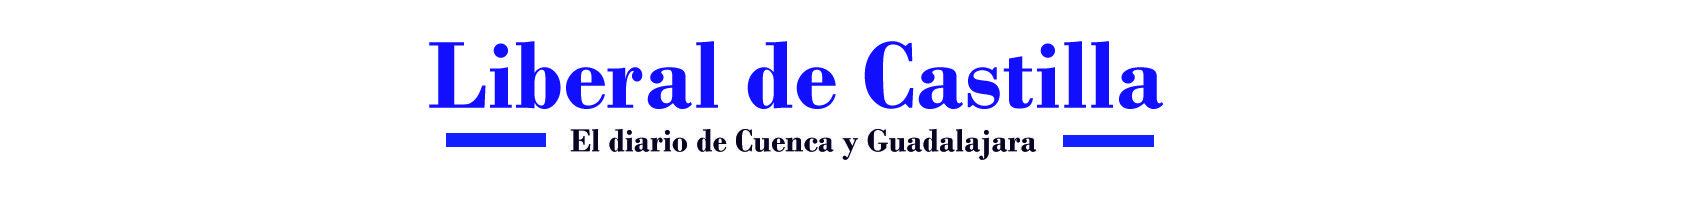 Liberal de Castilla